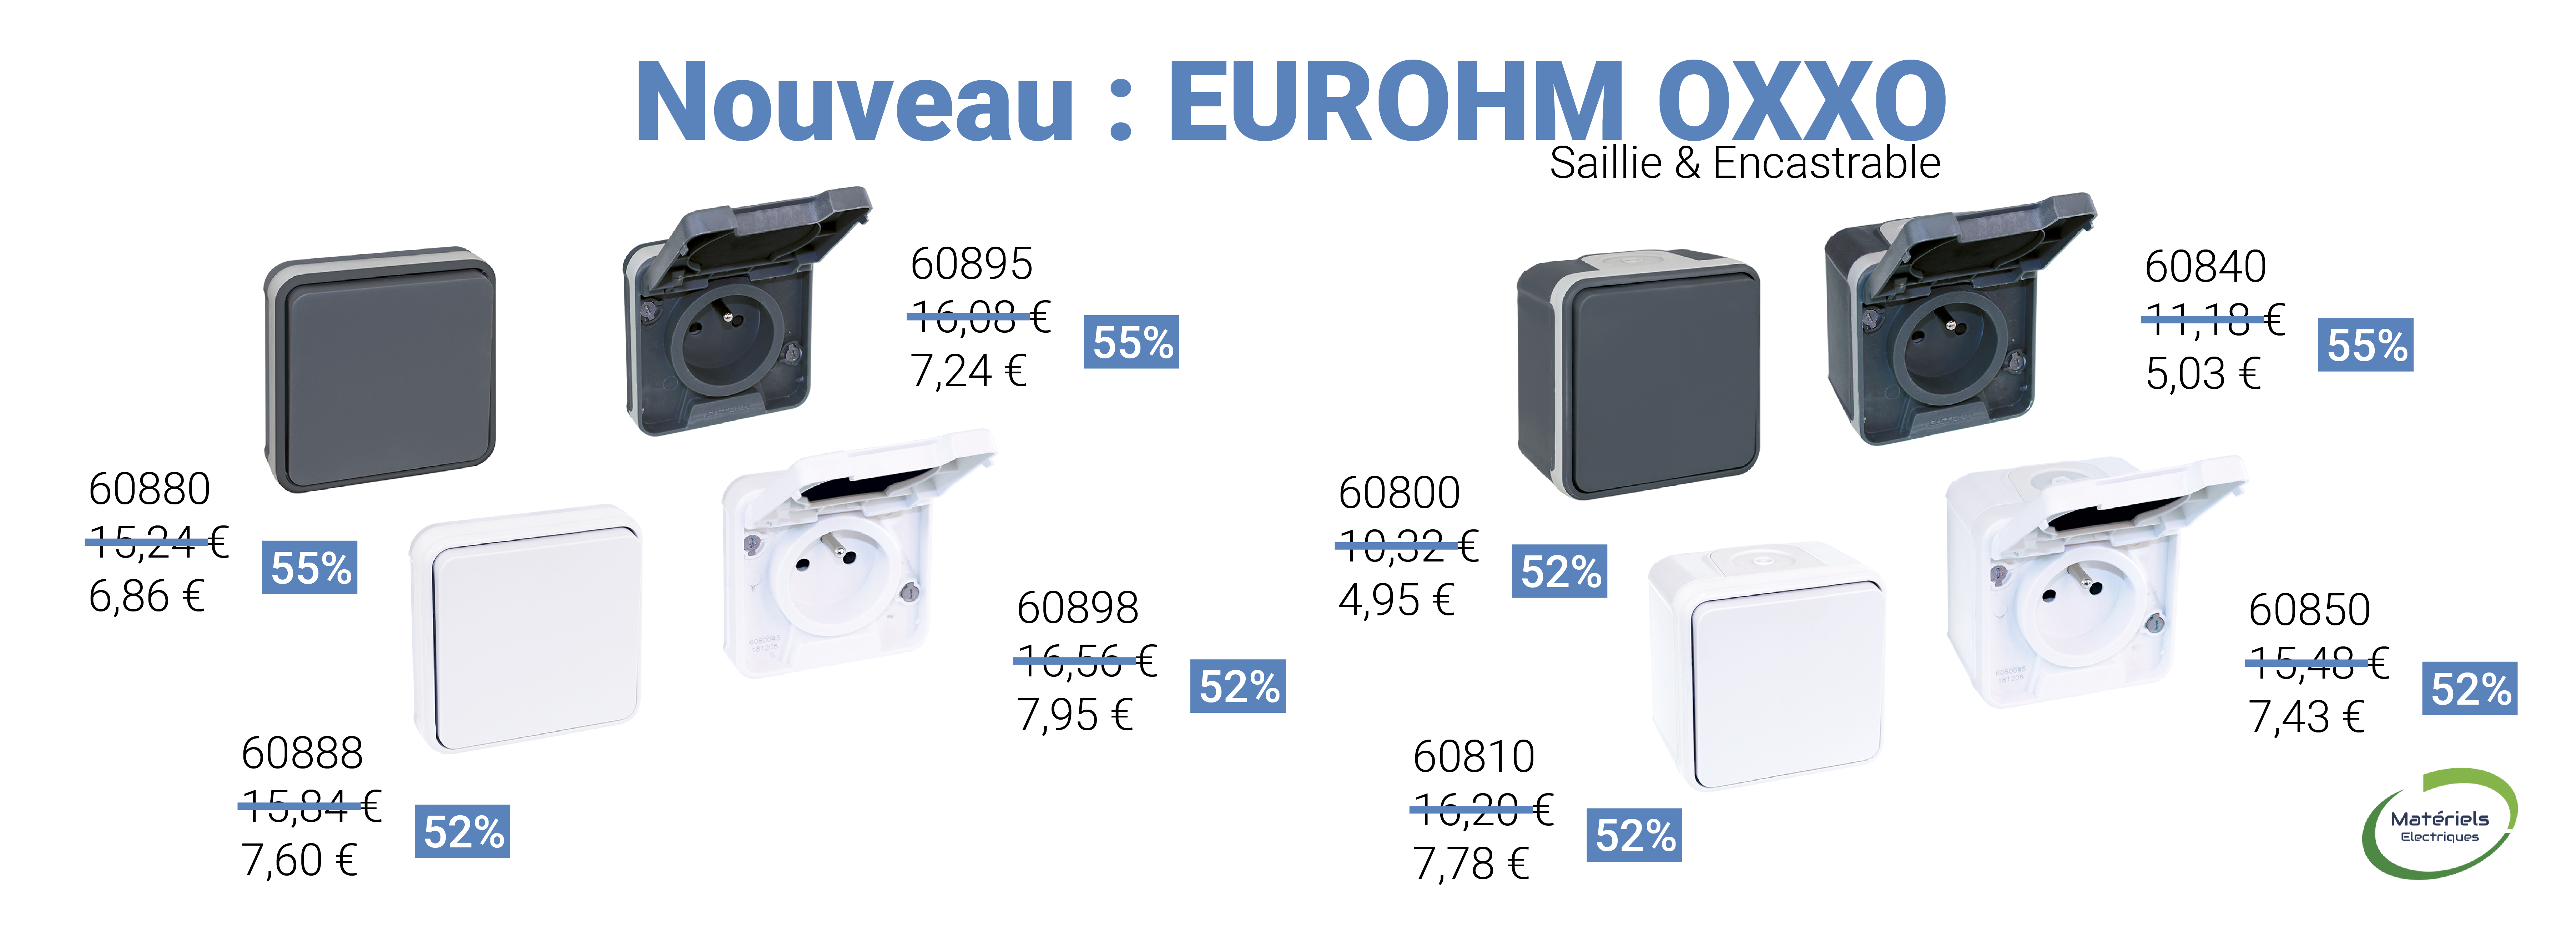 Eurohm OXXO